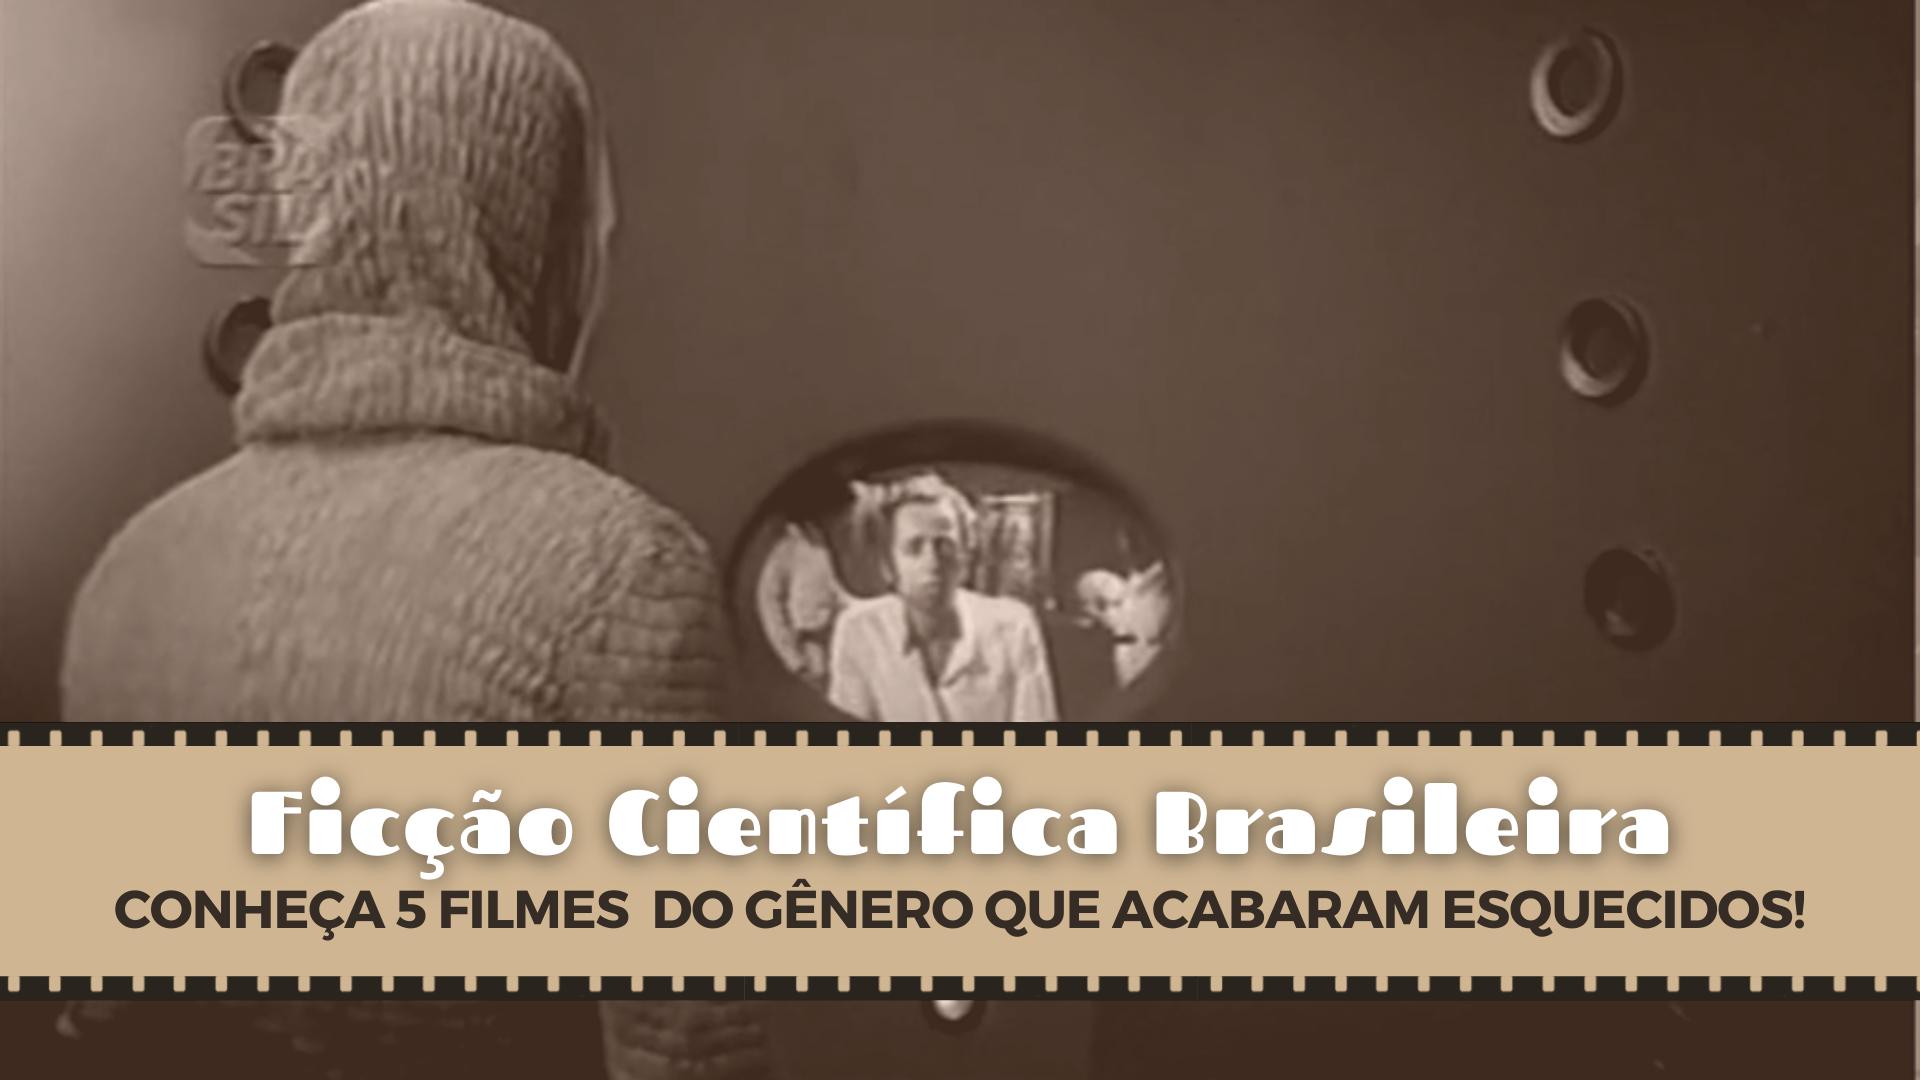 http://www.tv.ufpr.br/portal/edicao/univercine-5-ficcoes-cientificas-brasileiras-esquecidas-06-05-21/